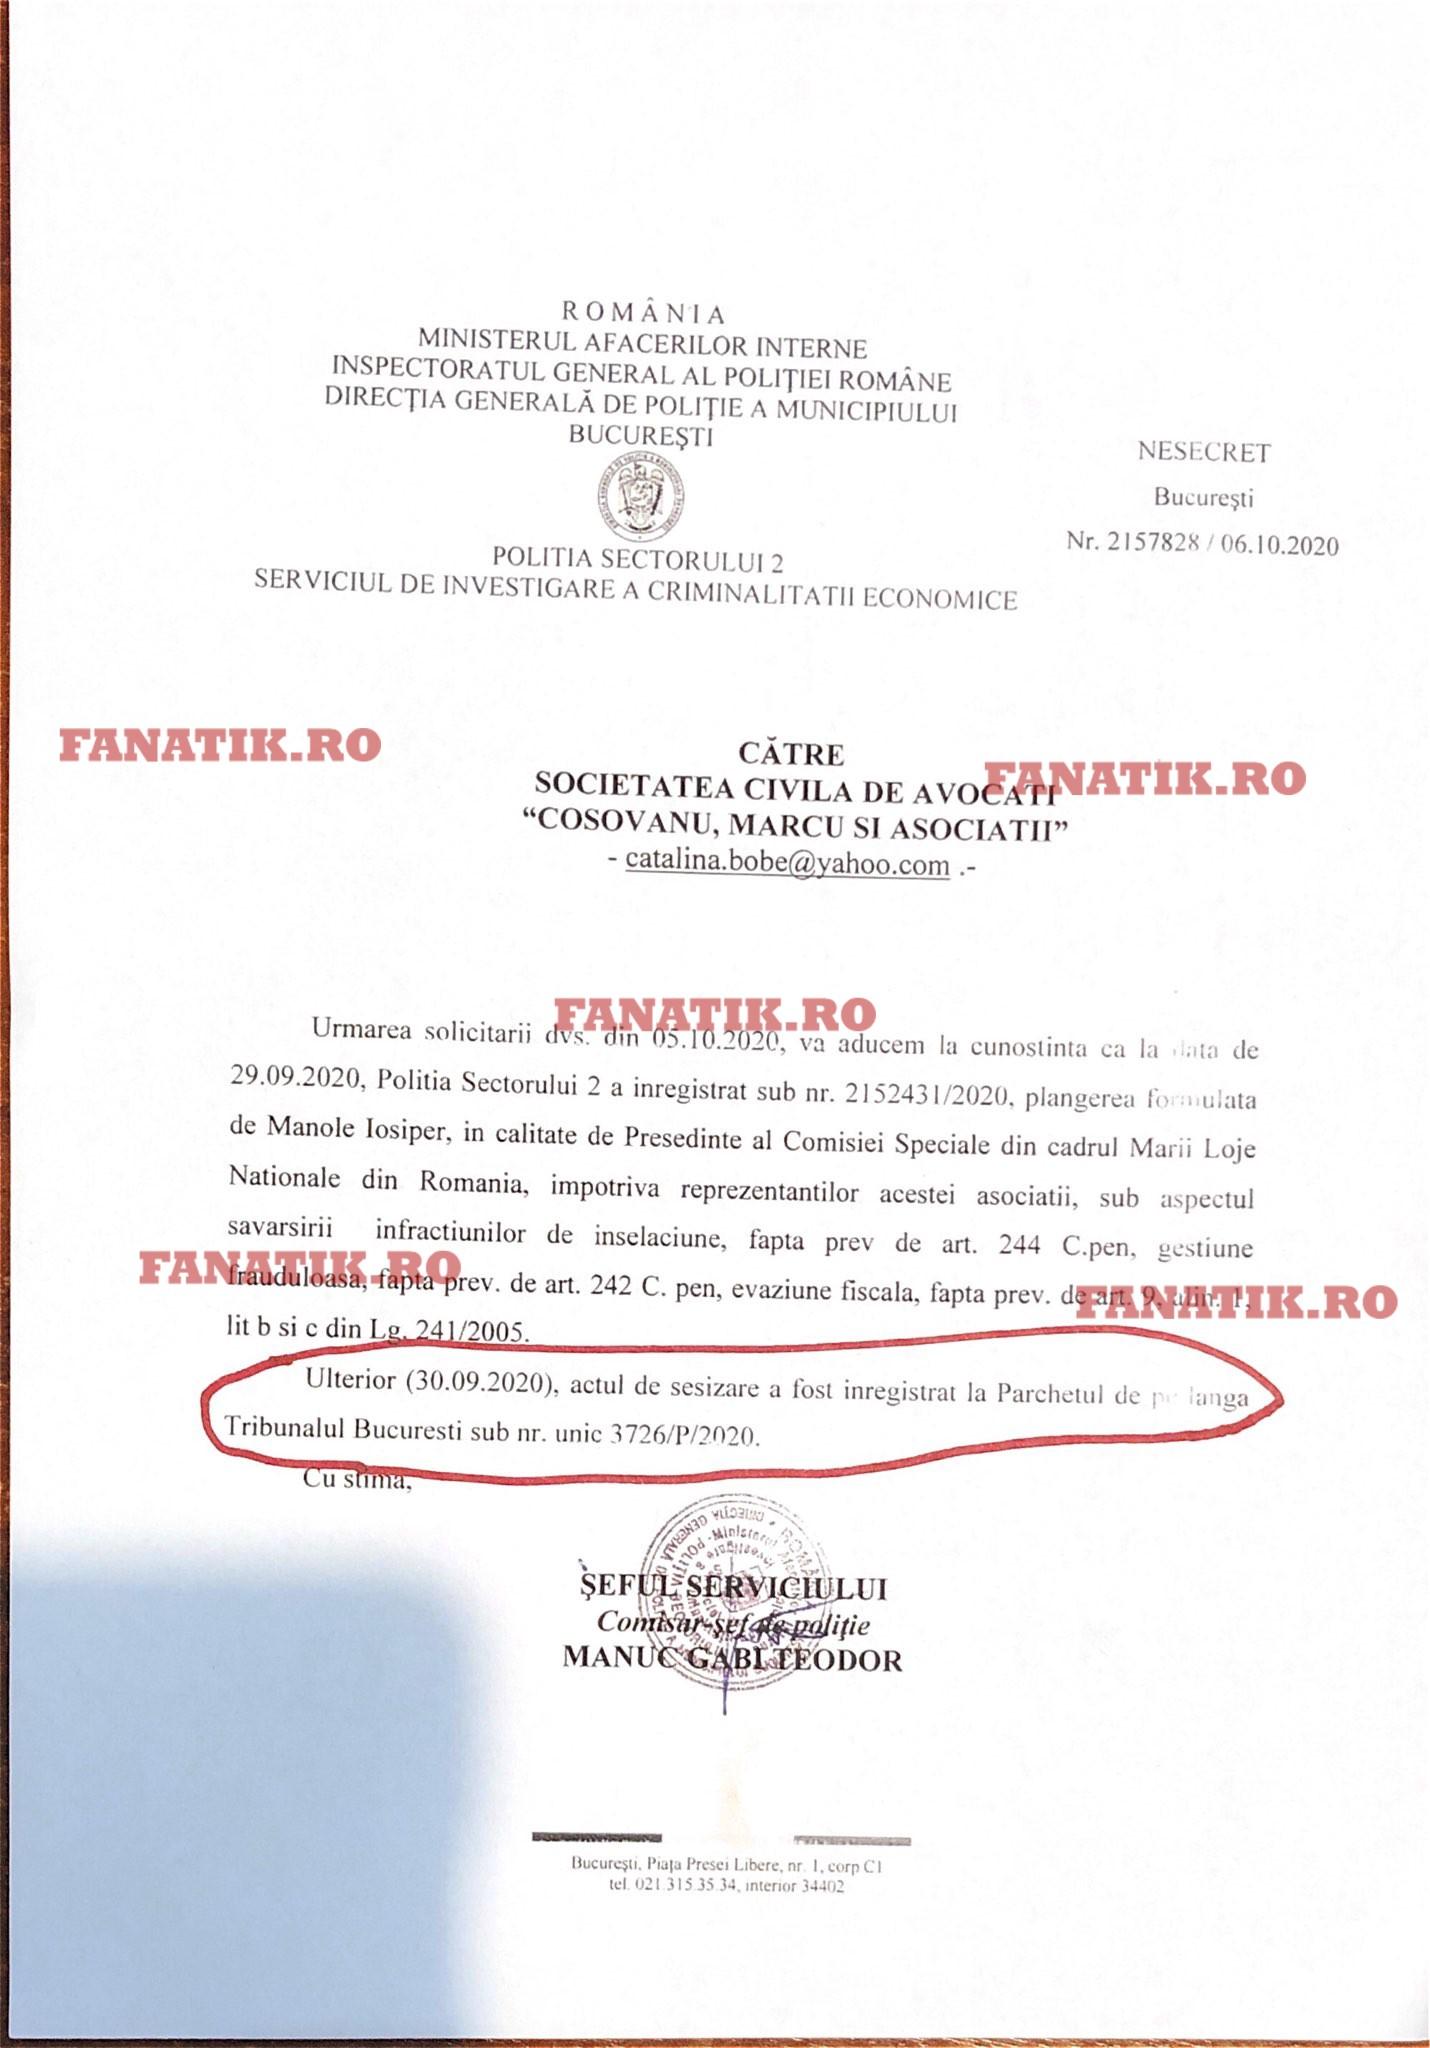 Răspunsul la plângerea penală depusă împotriva lui Radu Bălănescu (sursa arhivă personală)